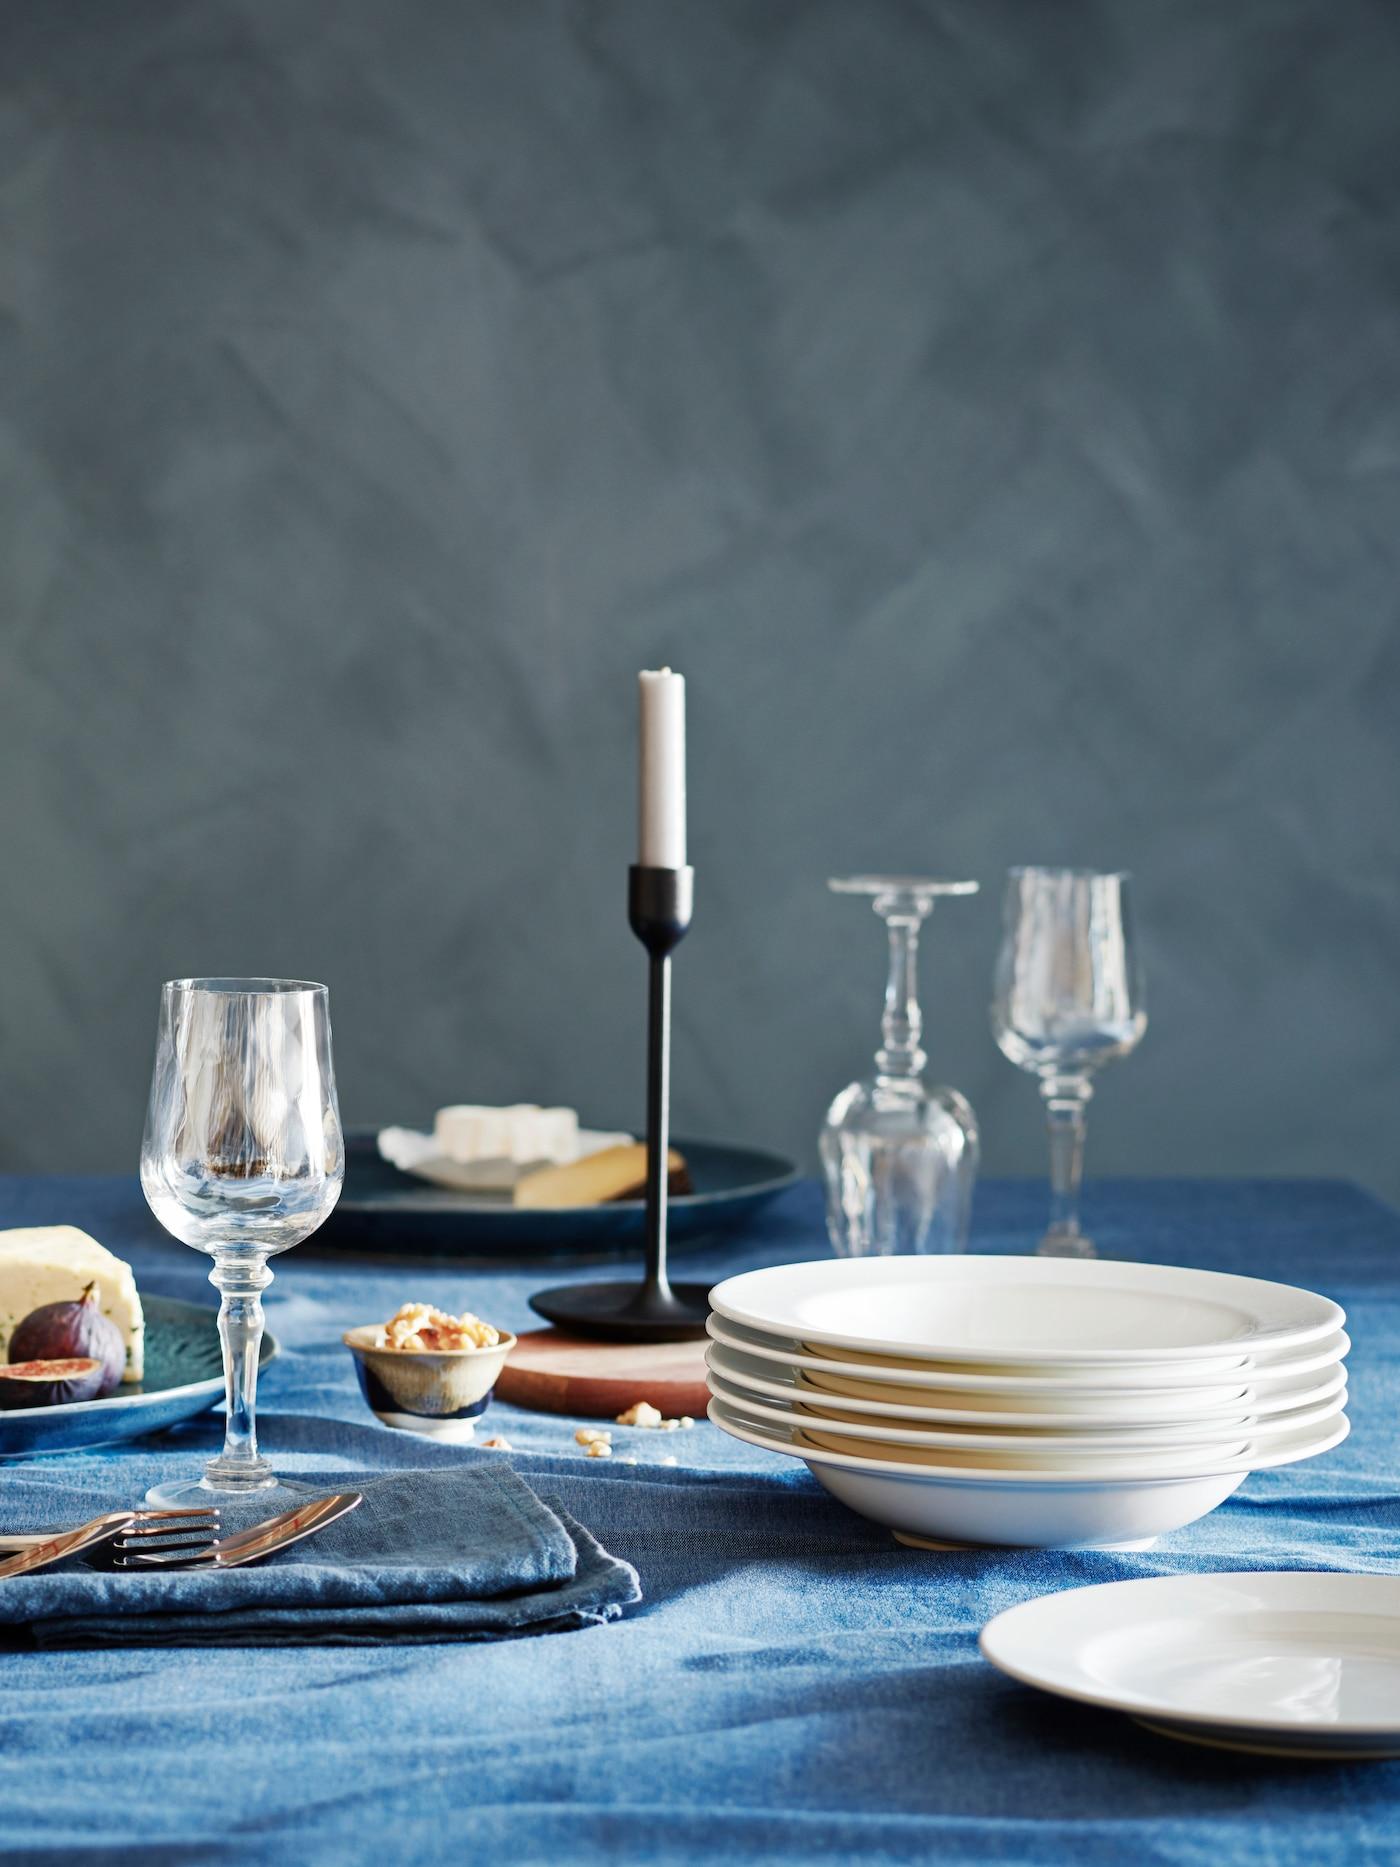 На синей скатерте белые тарелка, свеча в подсвечнике и фужеры